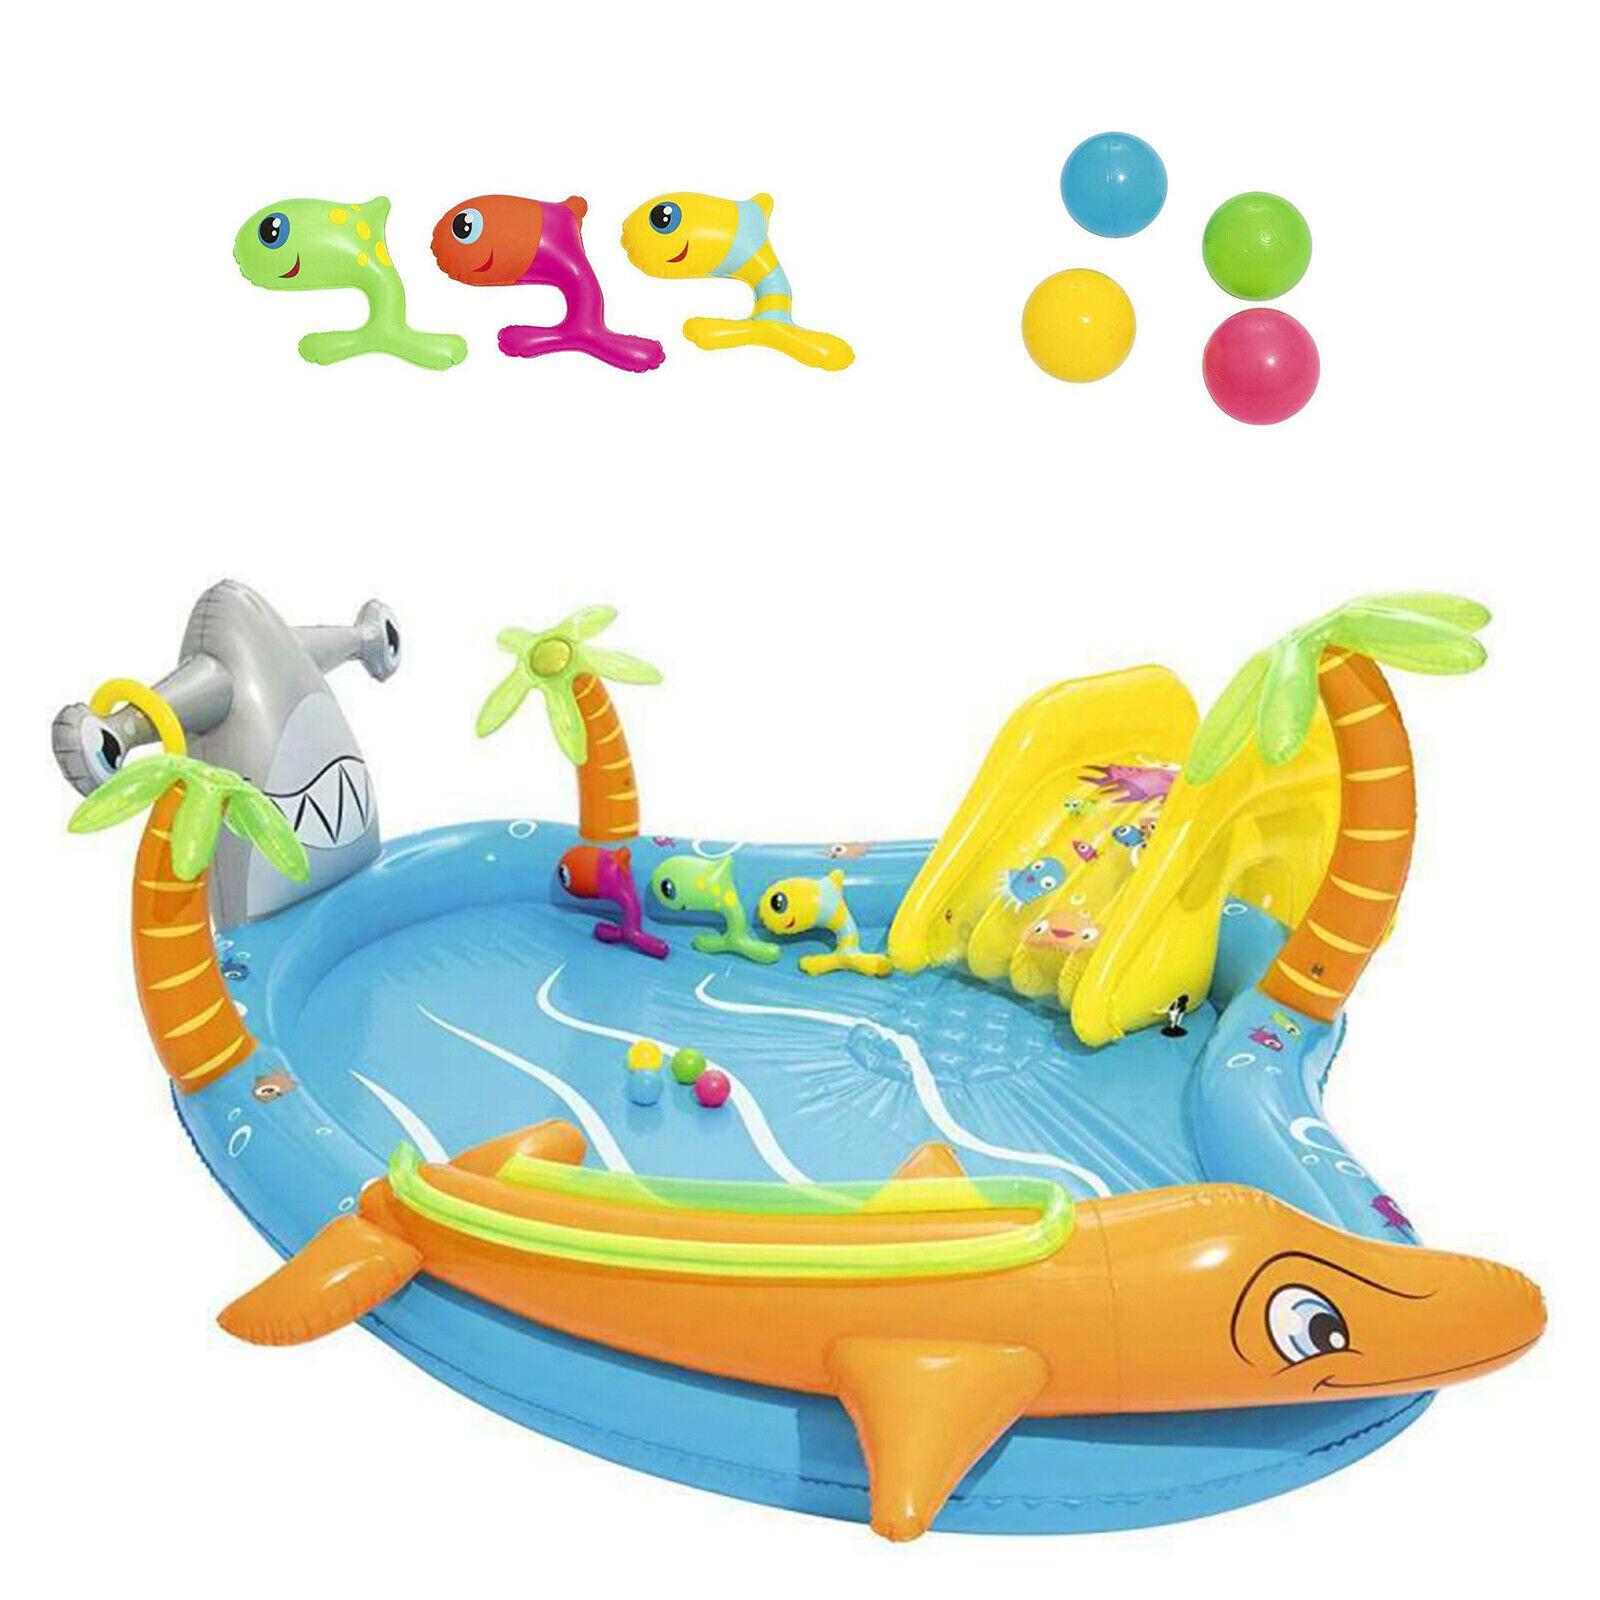 Planschbecken Kinderpool Schwimmbecken Swimmingpool Baby Pool Becken Aufblasbar